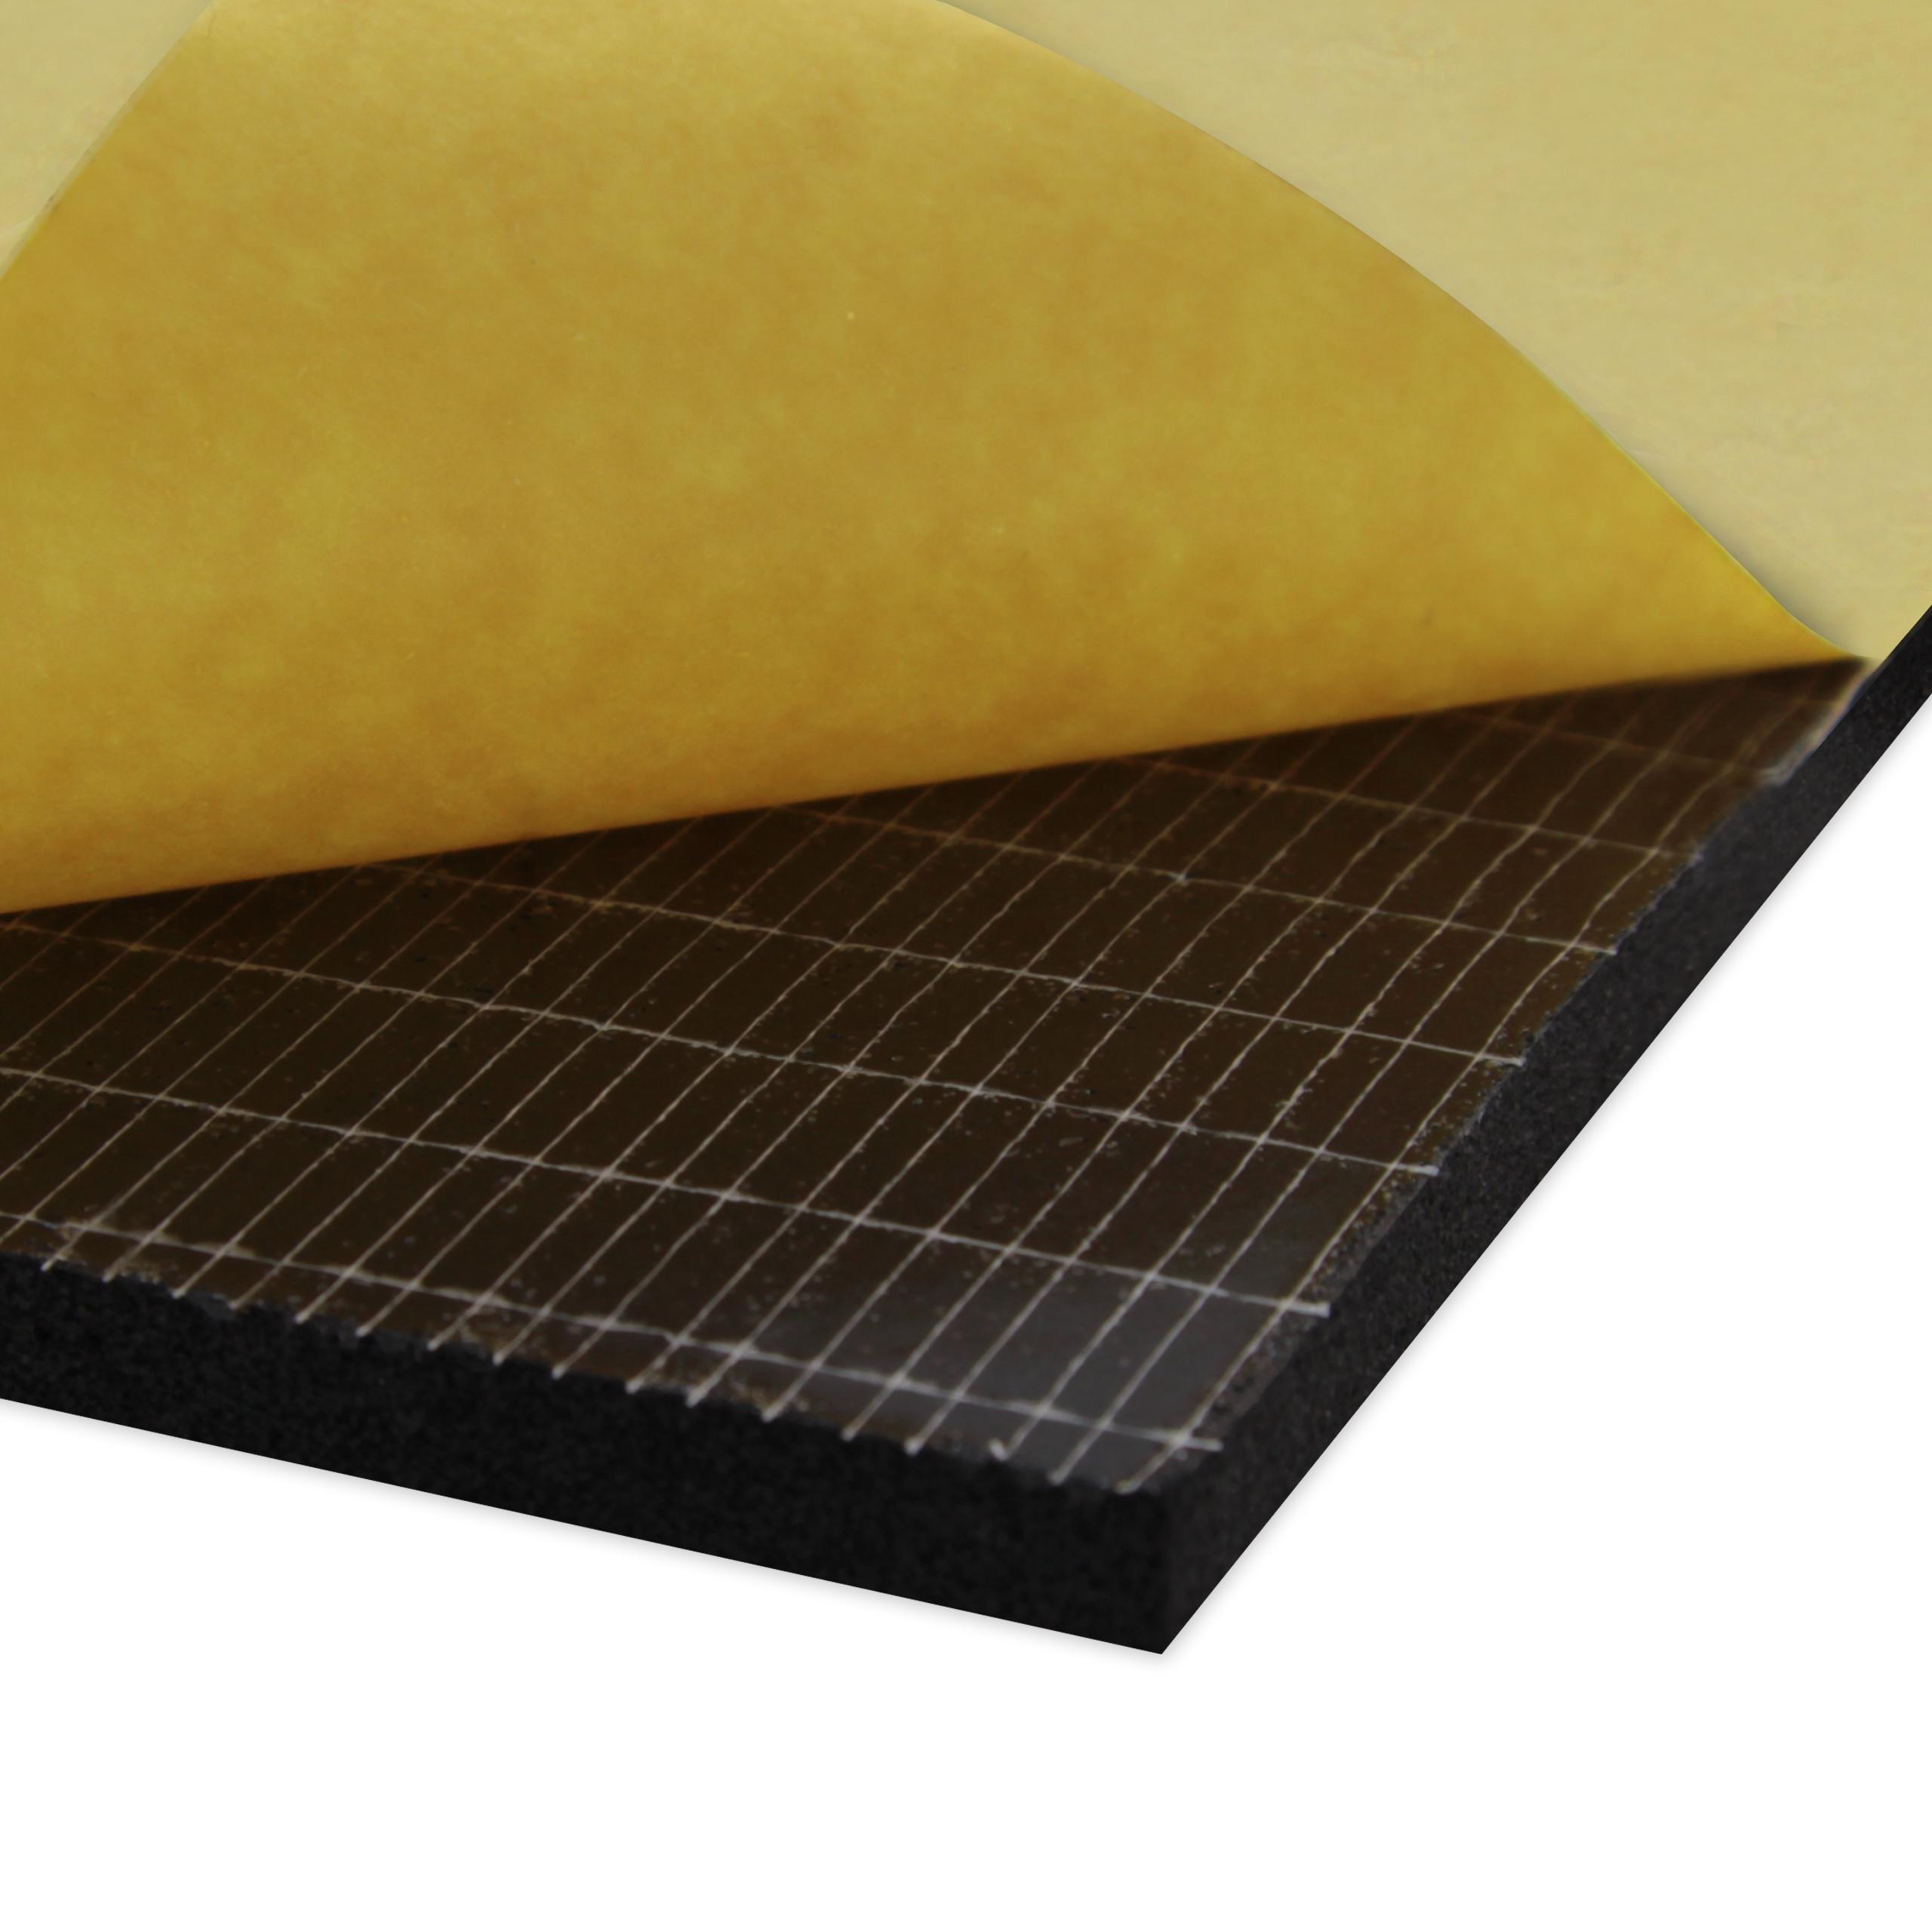 коврик wygŁuszajĄca 6mm самоклеящиеся пена опора